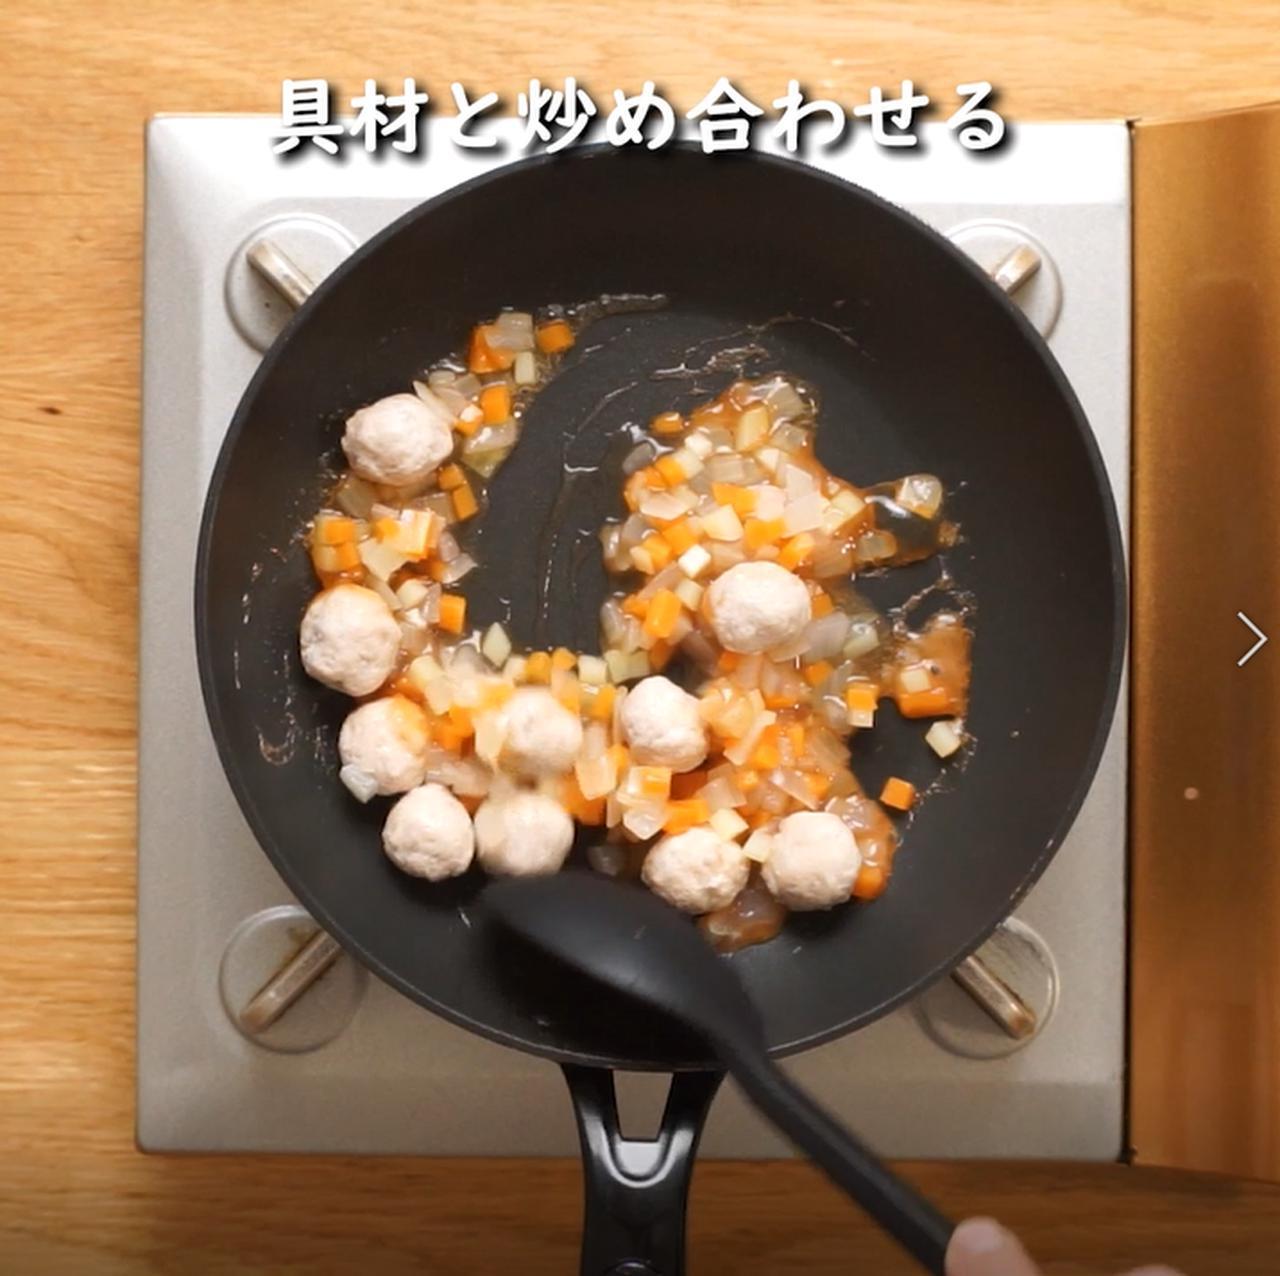 画像22: 特定原材料7品目不使用 レシピ